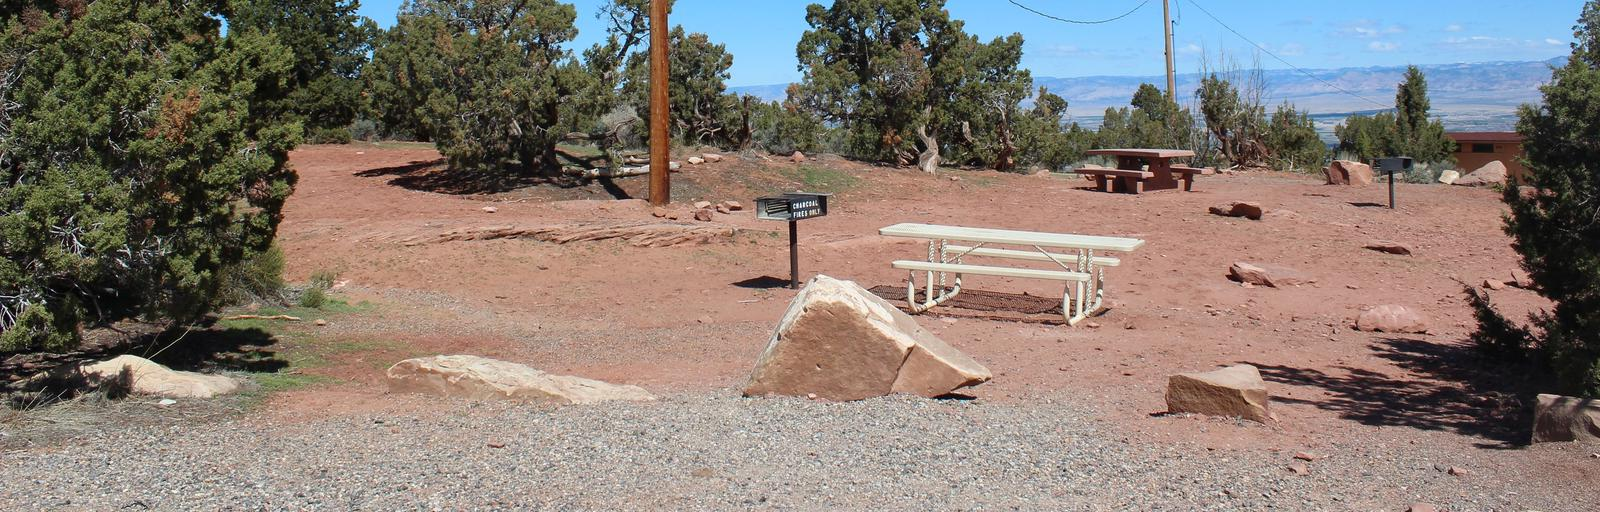 Loop A Site 15